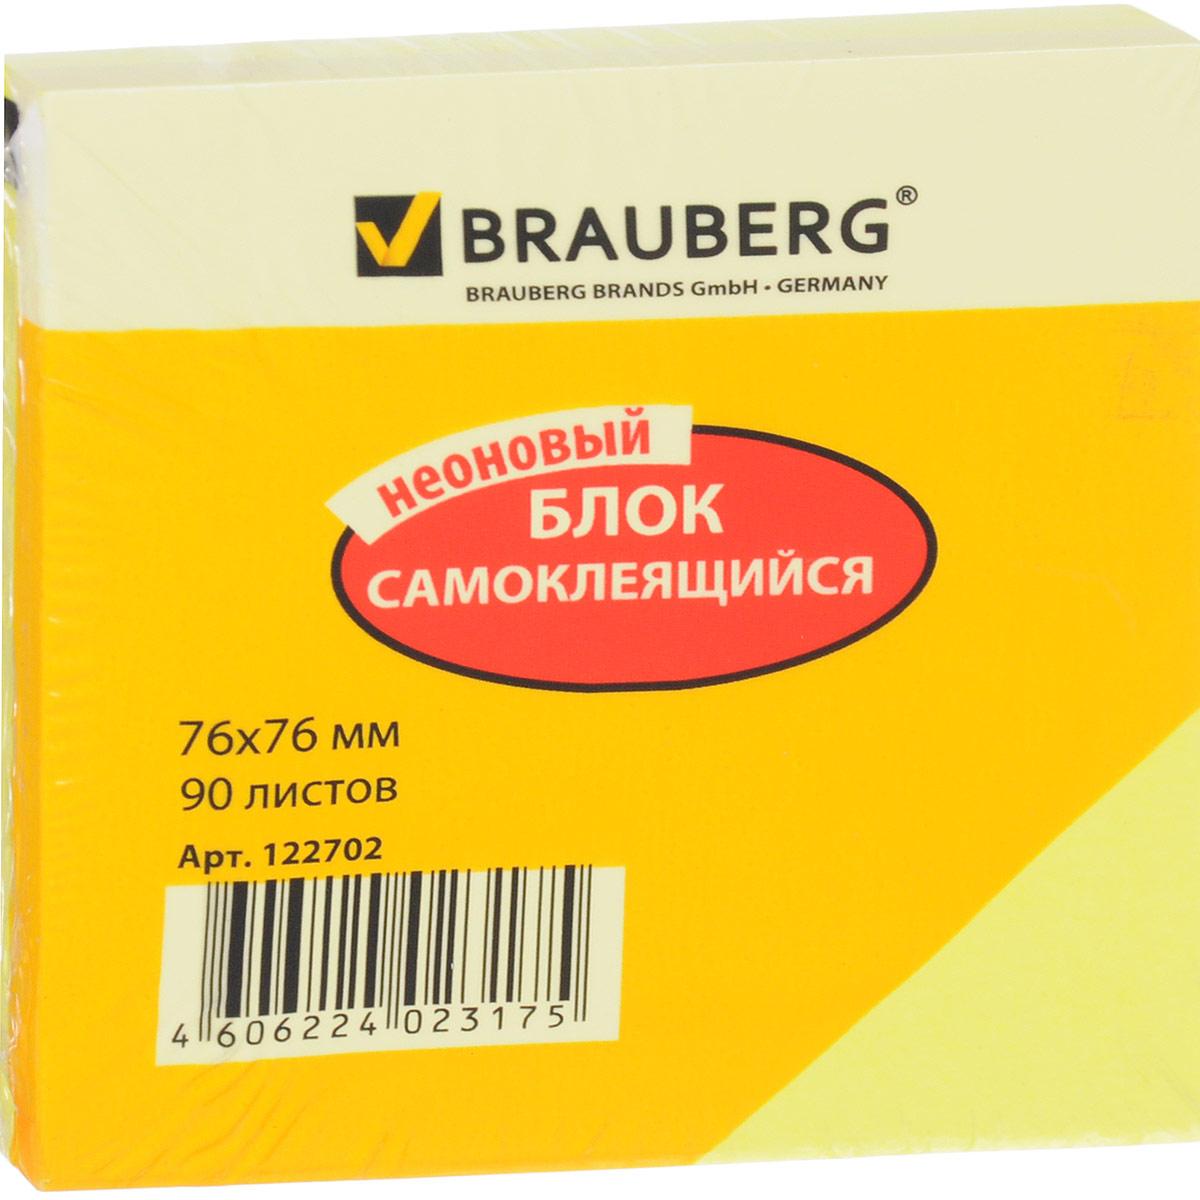 Brauberg Блок неоновый самоклеящийся цвет желтый 76 х 76 мм 90 листов122702Яркие самоклеящиеся листочки привлекают к себе внимание и удобны для заметок, объявлений и других коротких сообщений. Легко крепятся к любой поверхности, не оставляют следов после отклеивания.